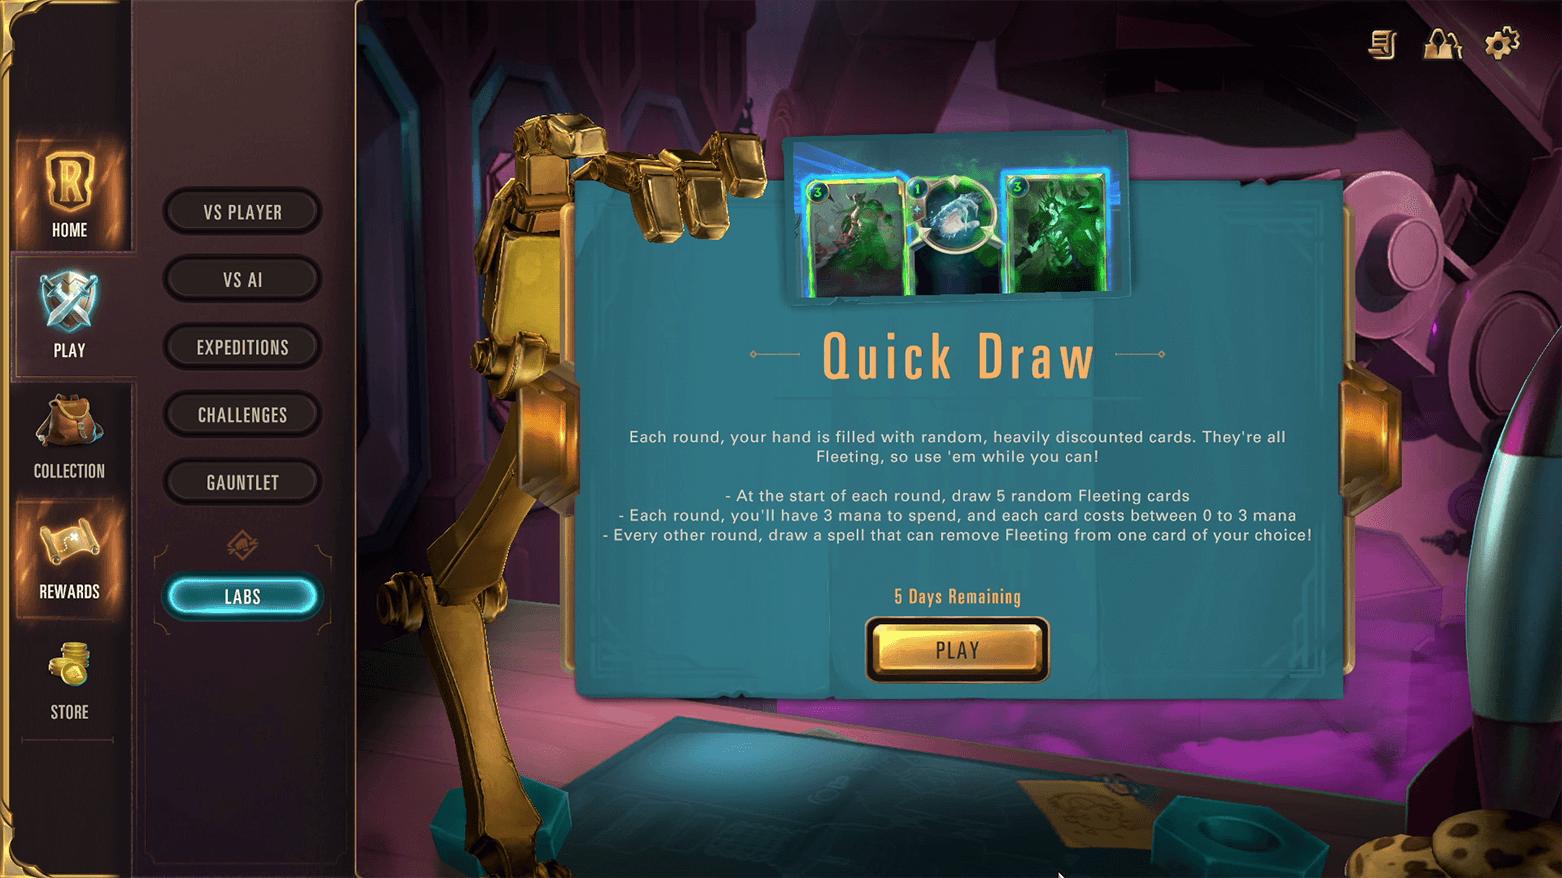 _0013_Quick_Draw_en_en.png